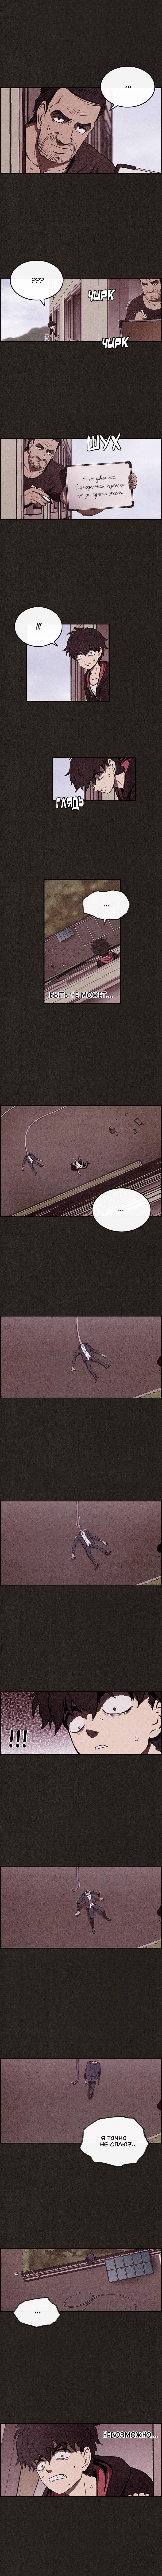 Манга Милый дом / Sweet Home (HWANG Youngchan) - Том 1 Глава 15 Страница 5